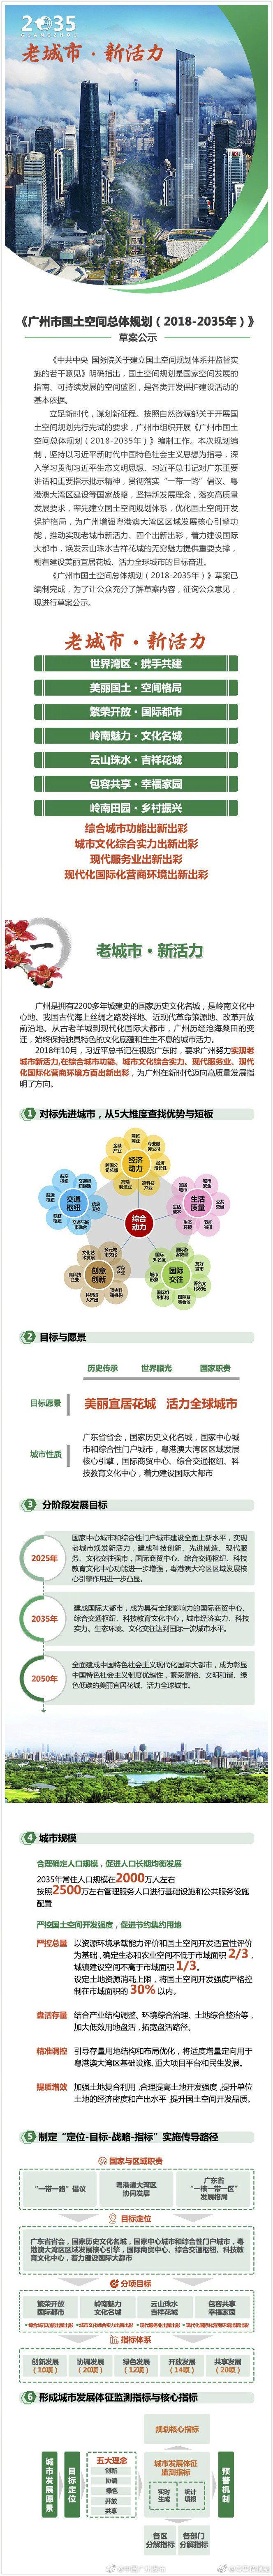 重磅!广州市国土空间总体规划草案公示